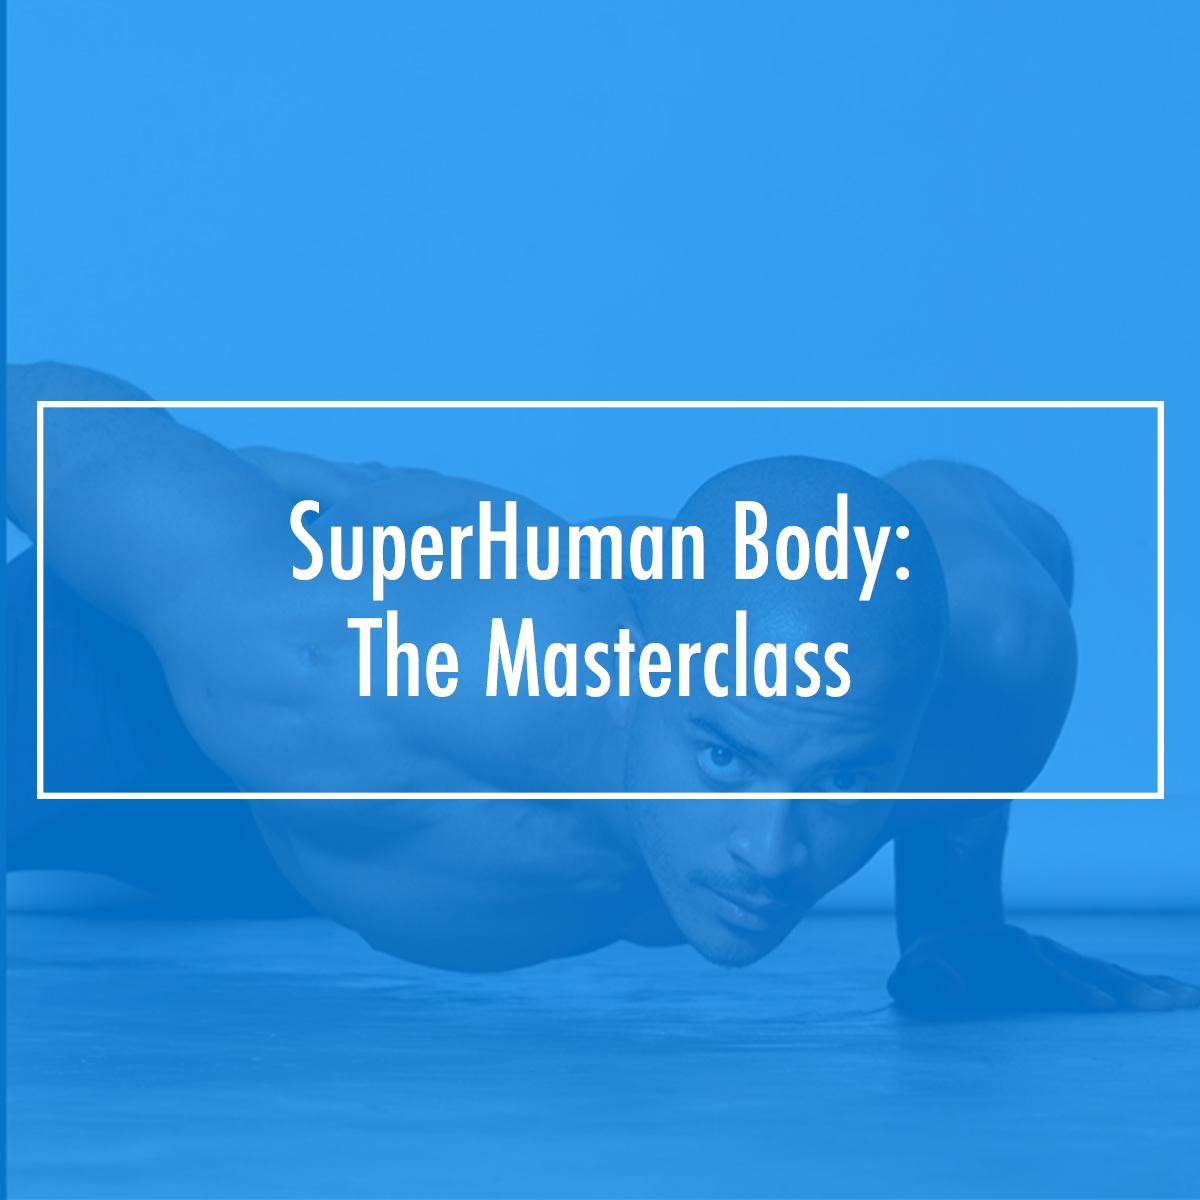 superhumanbody